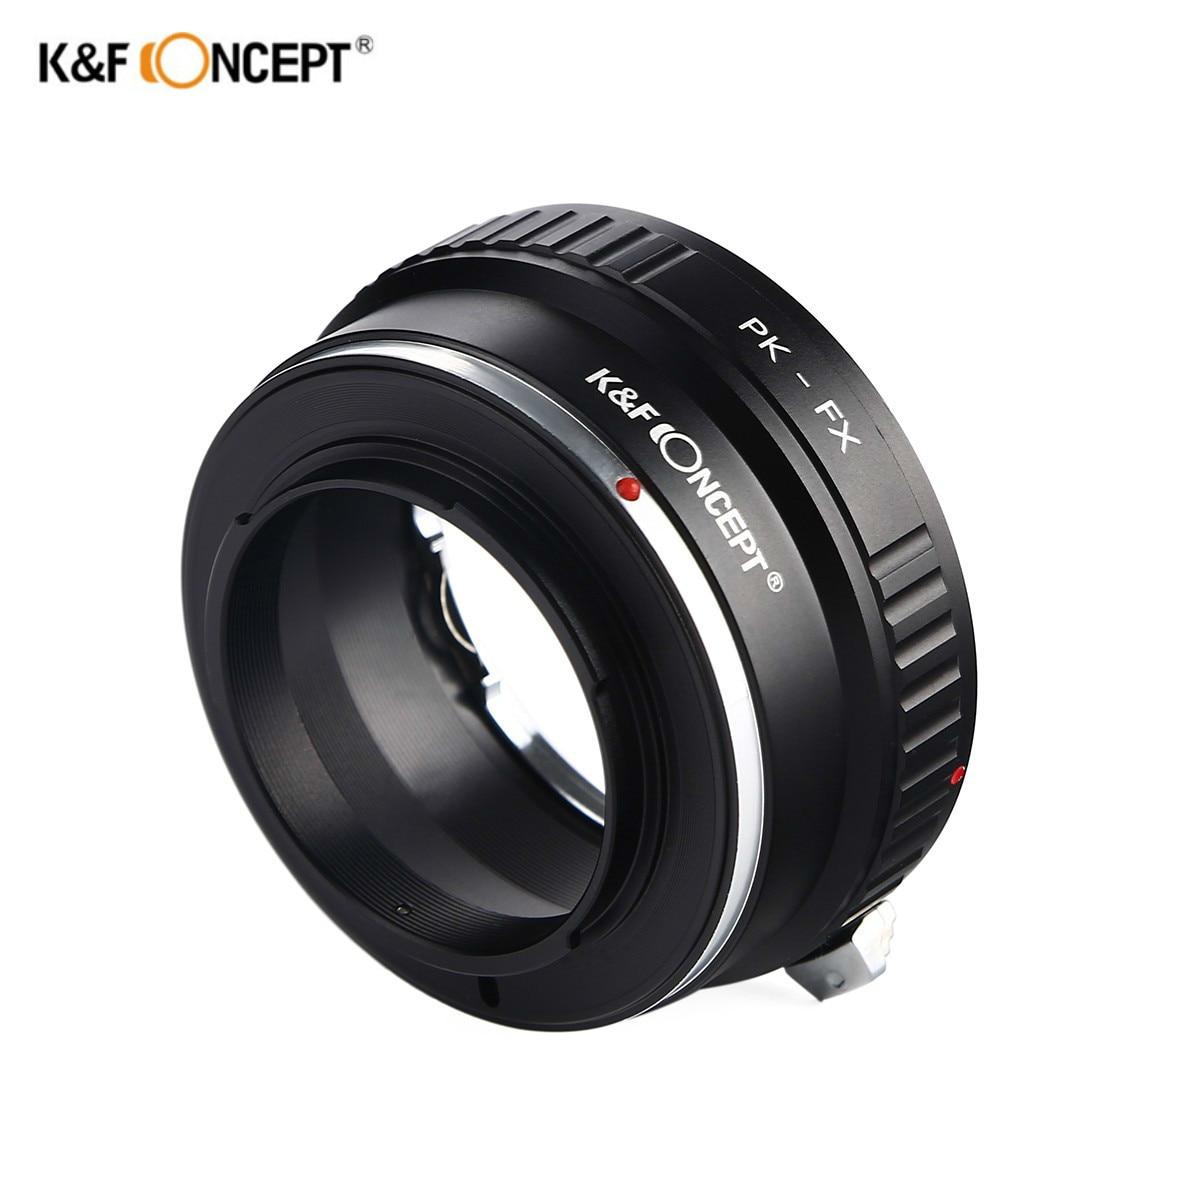 K & F CONCEPT PK-FX lente anillo adaptador para Pentax PK lente a Fujifilm X montaje Fuji X-Pro1 Cámara